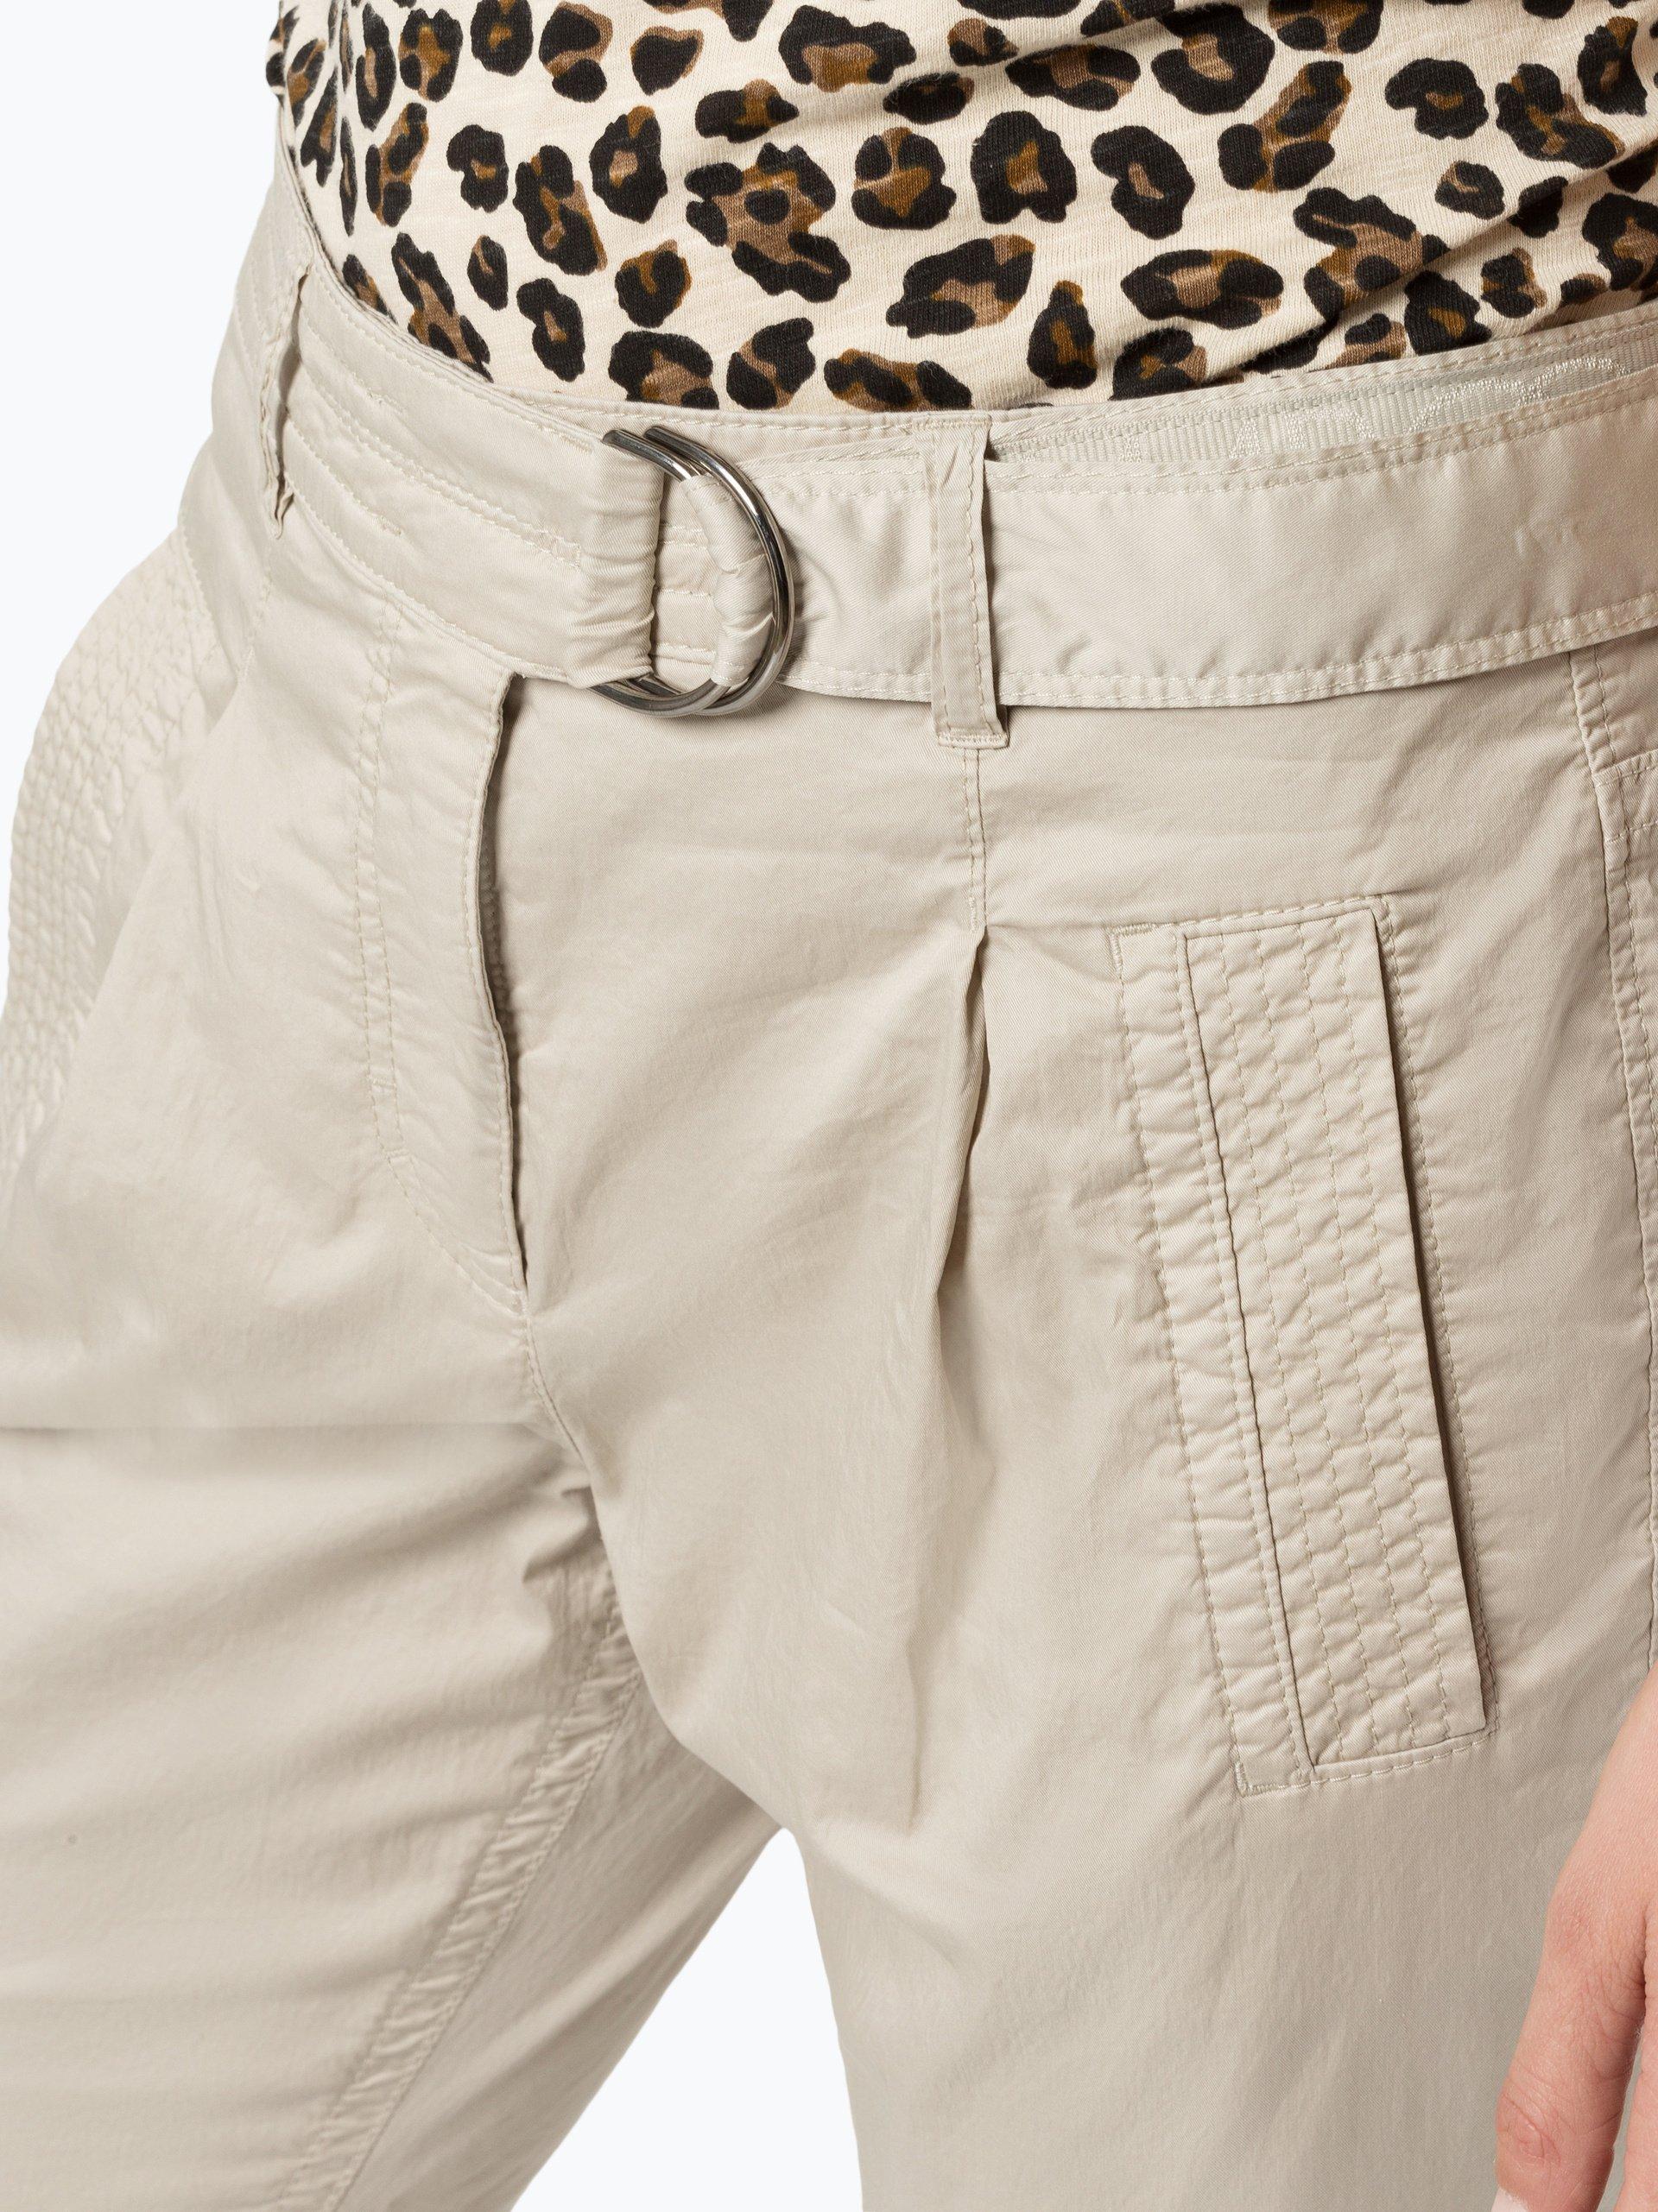 Marc Cain Sports Spodnie damskie